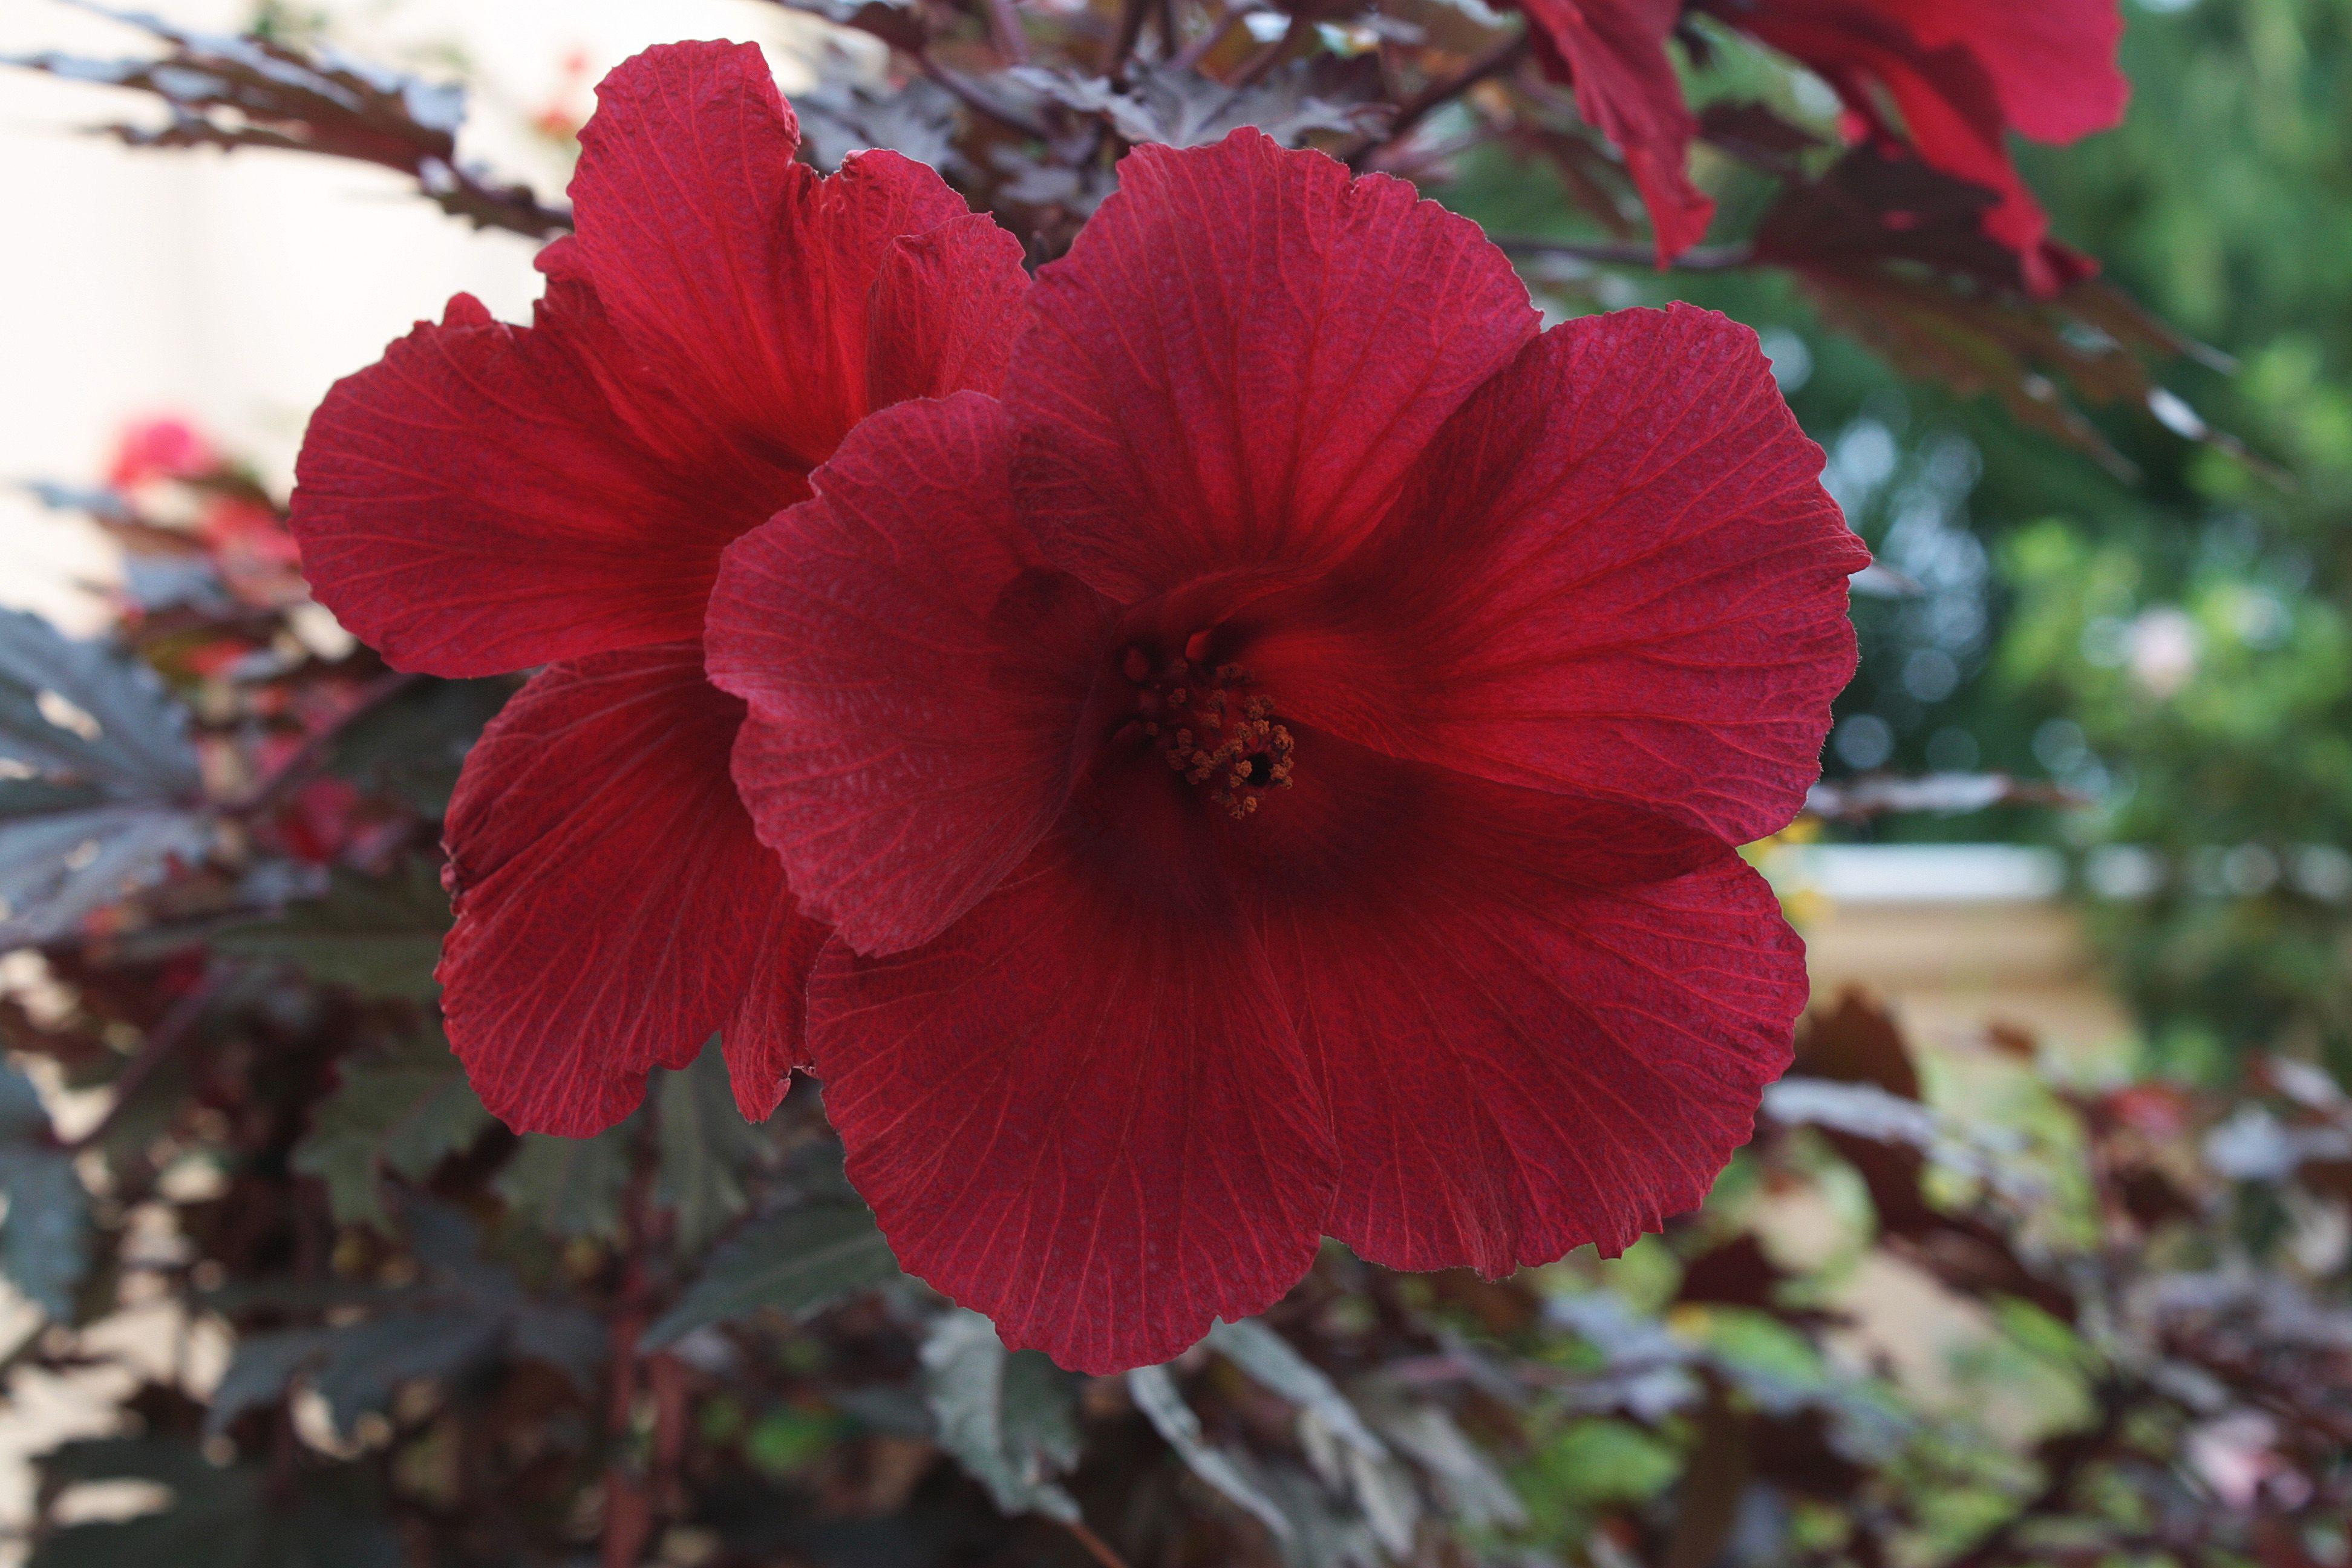 Otra de mis plantas el hibiscus rojo familia malvaceae De ngeles Sanz